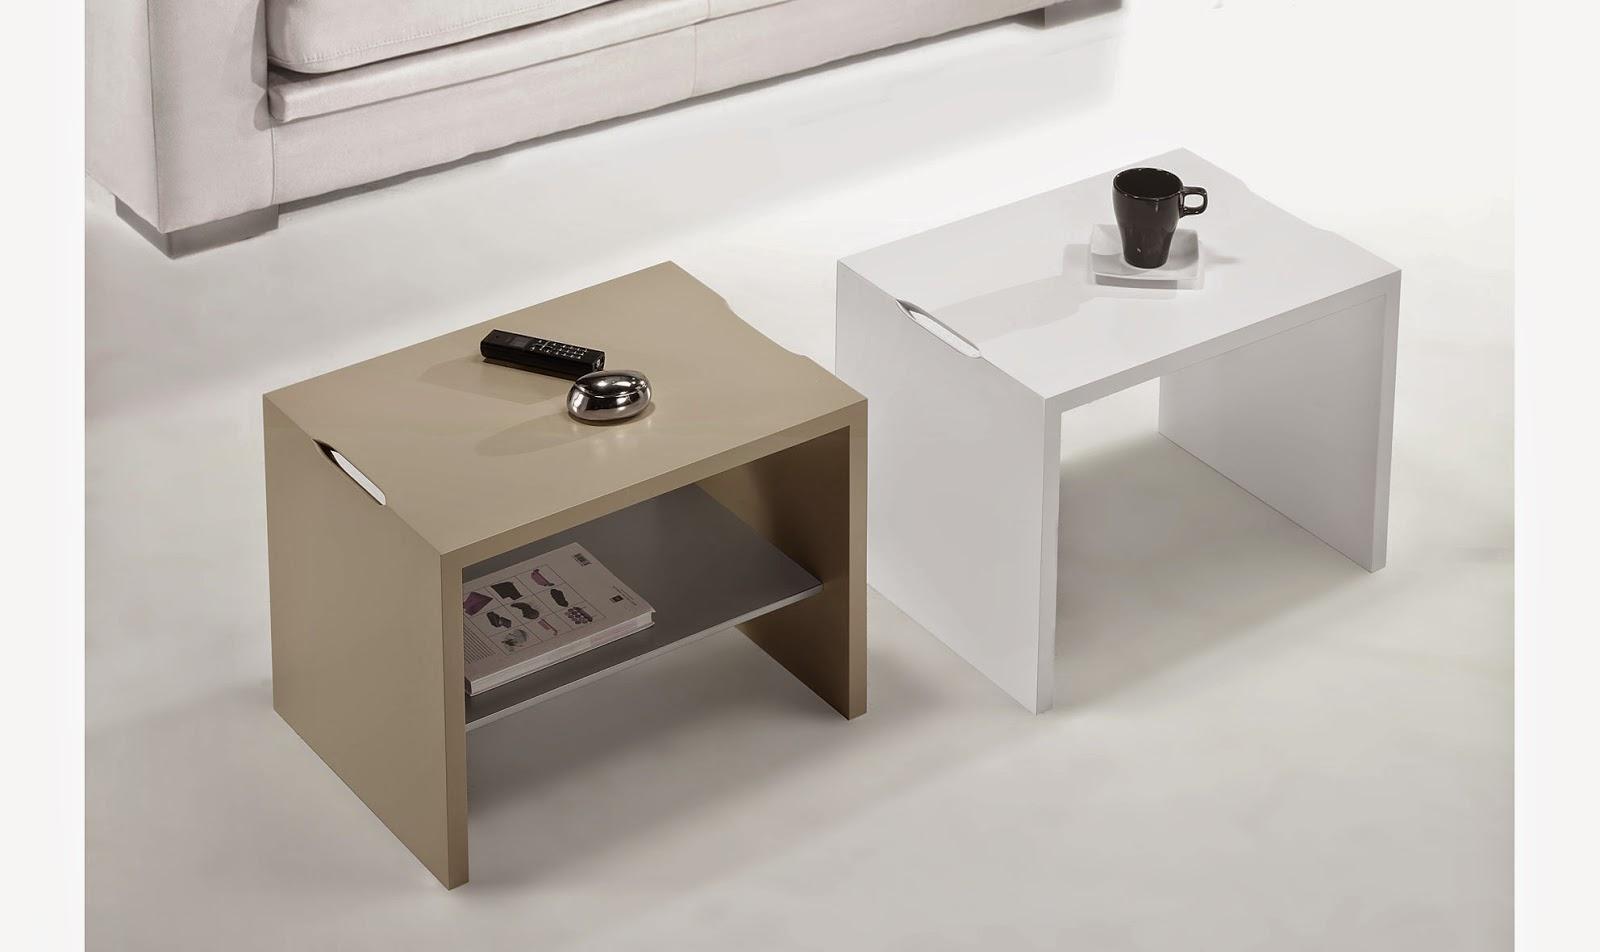 Muebles pr cticos por la decoradora experta muebles - Muebles para casas pequenas ...